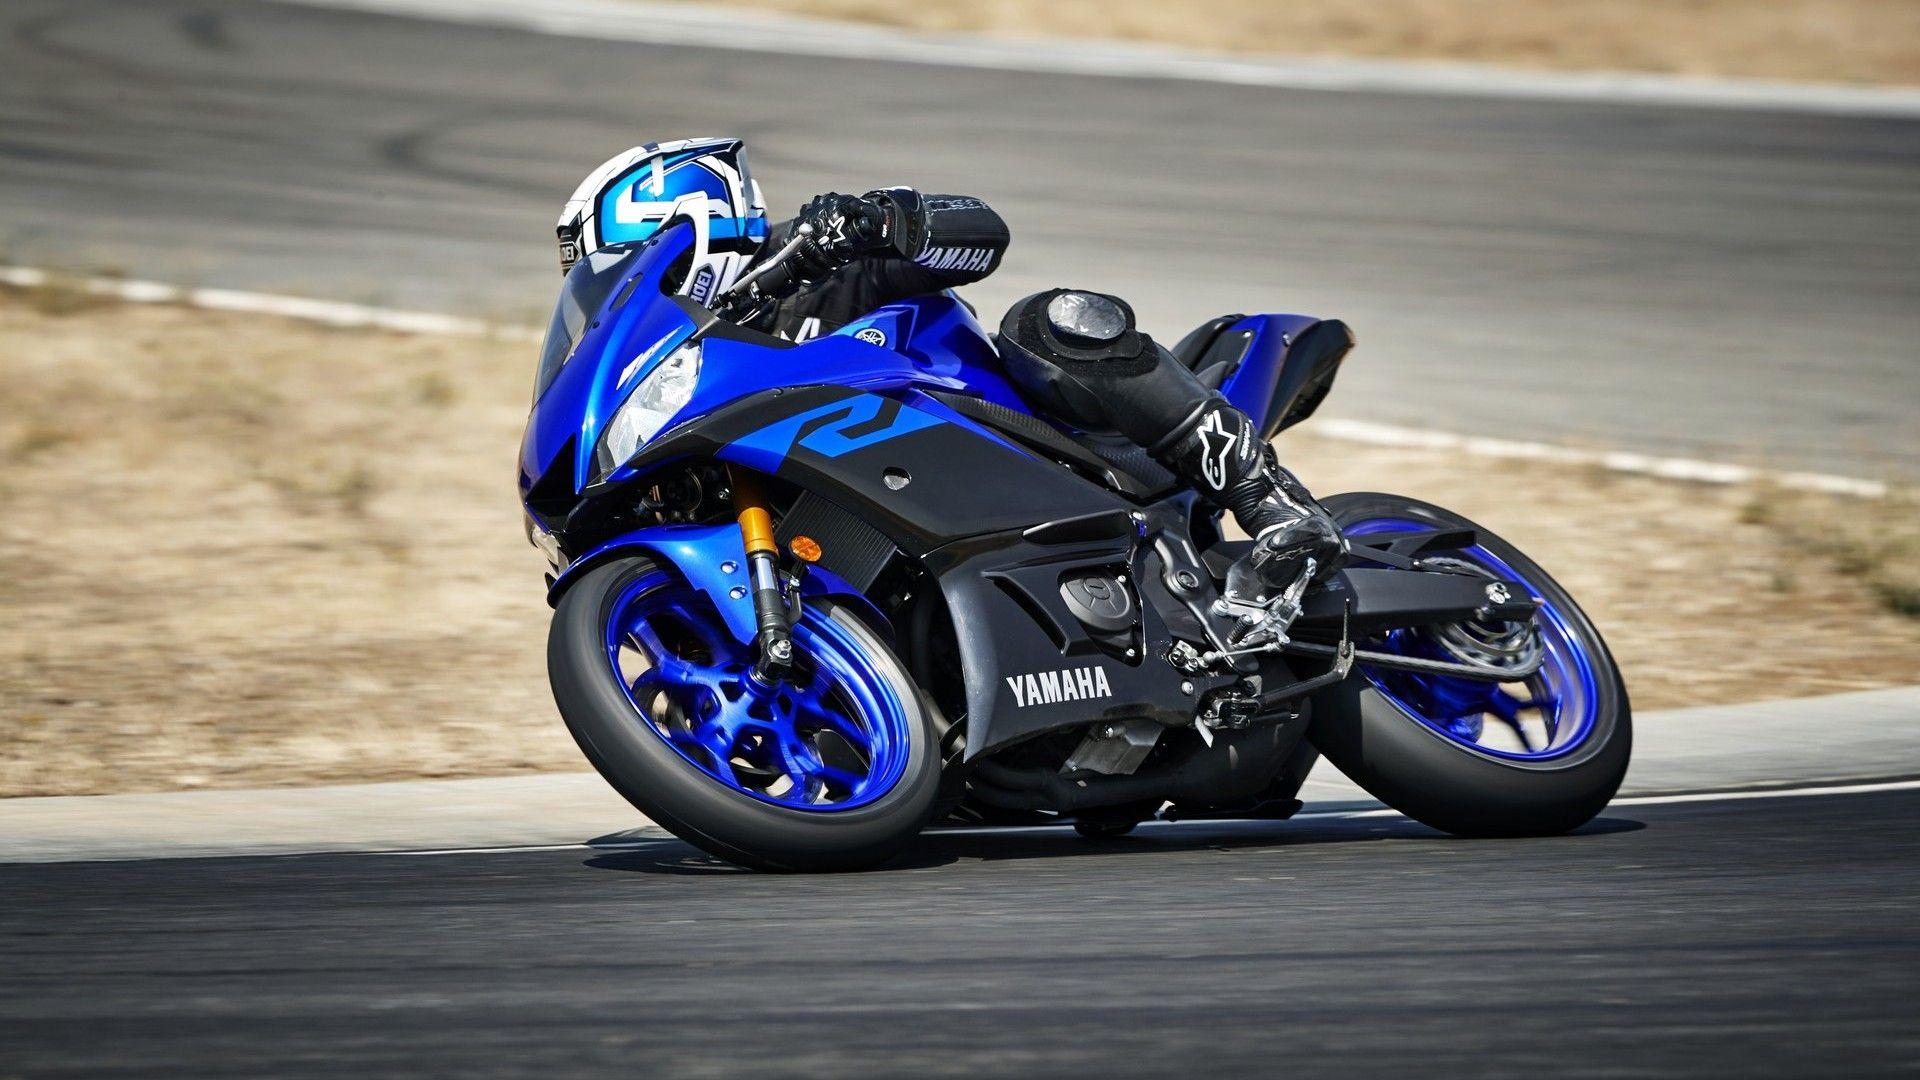 Eicma 2018 Yamaha R3 2019 Scheda Tecnica Prestazioni Video Live